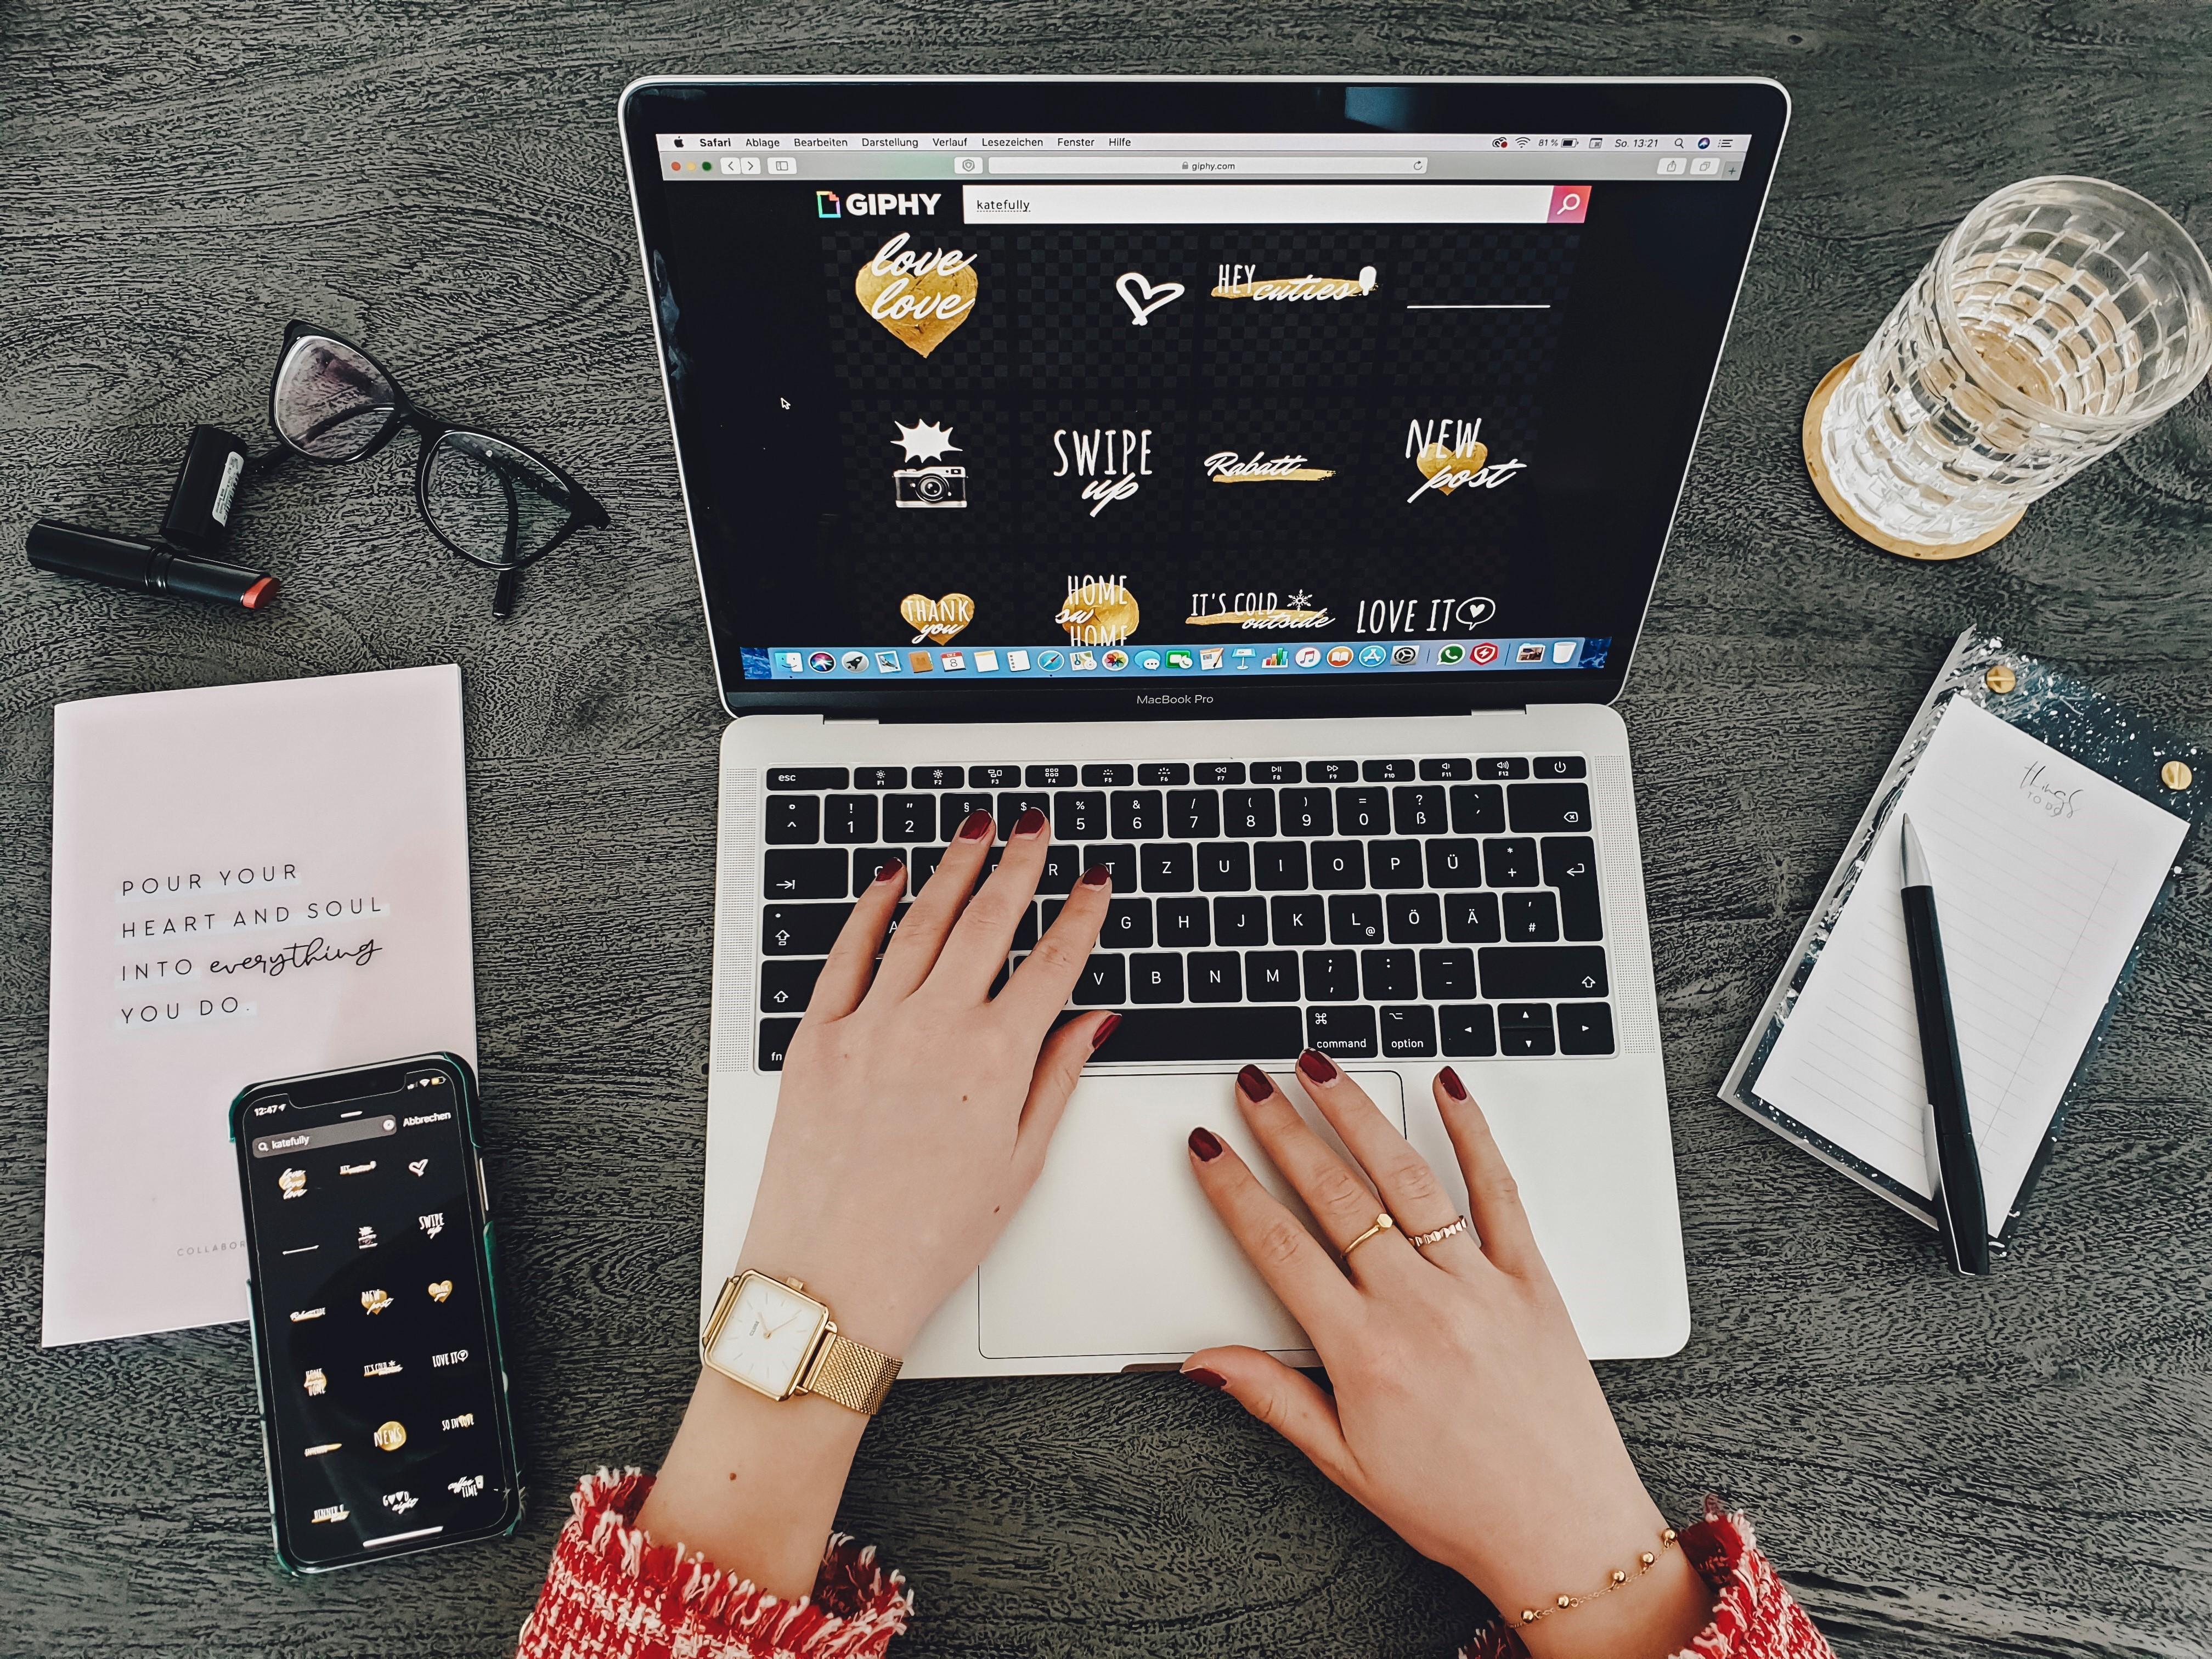 GIFs, GIF-Sticker, Giphy, Instagram, animierte Bilder, Social Media, Business Tipps, Influencer Marketing, Katefully, München, Deutschland